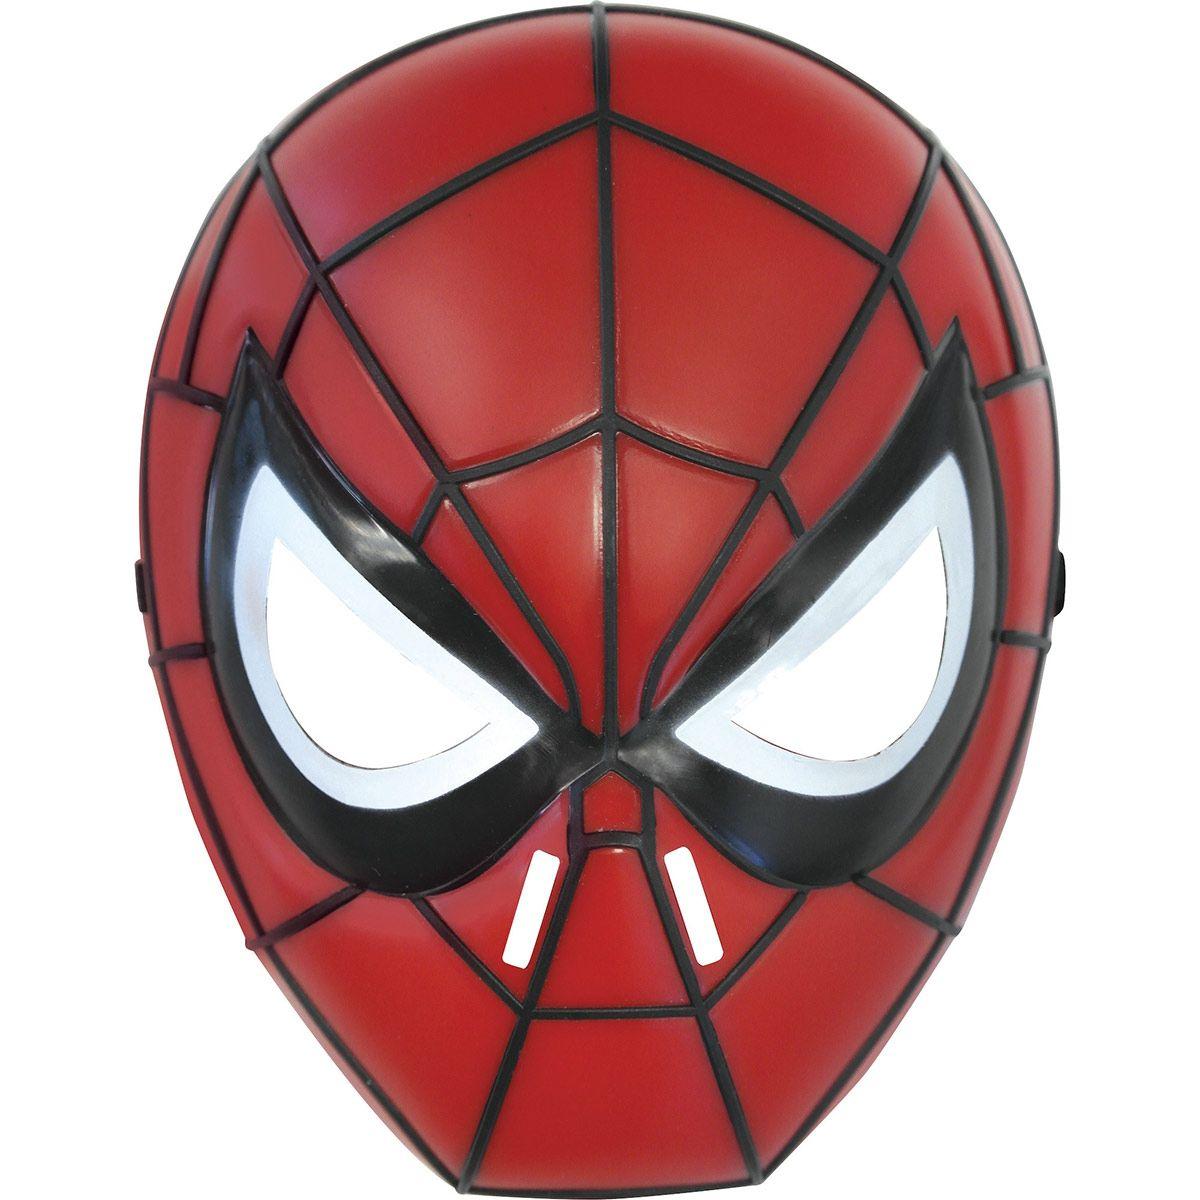 répliques vente énorme Site officiel Masque rigide Spider-Man - Masques pour déguisement - La ...